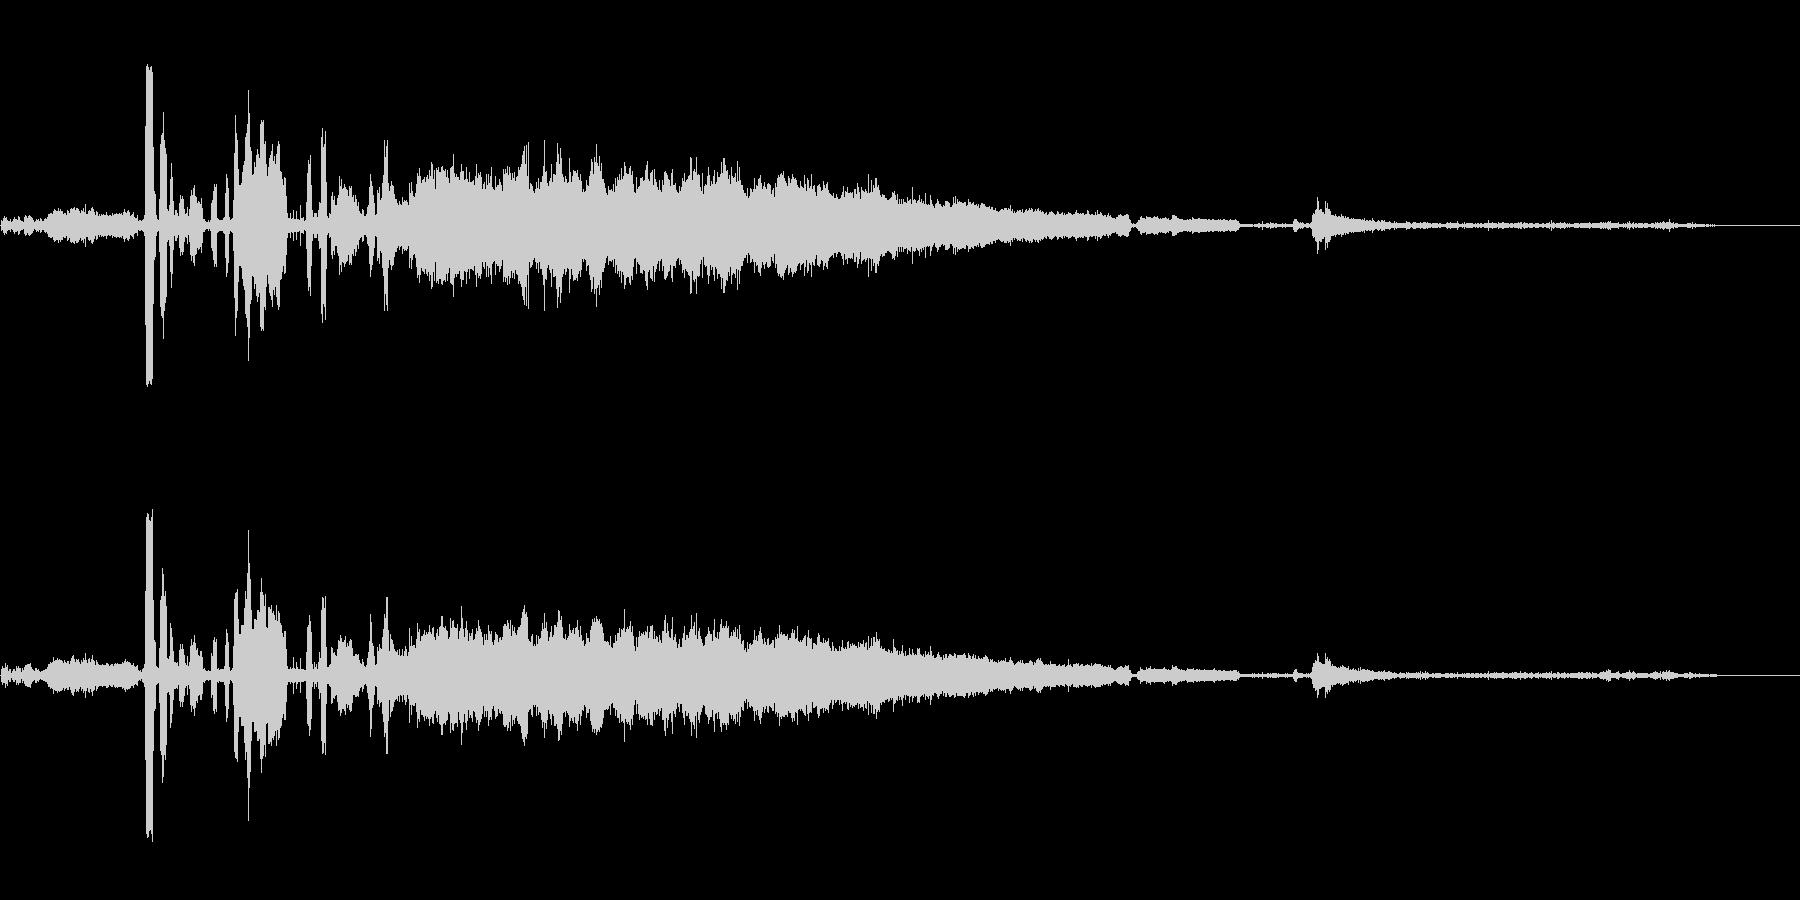 カーラジエーター;沸騰、ヒスとオー...の未再生の波形